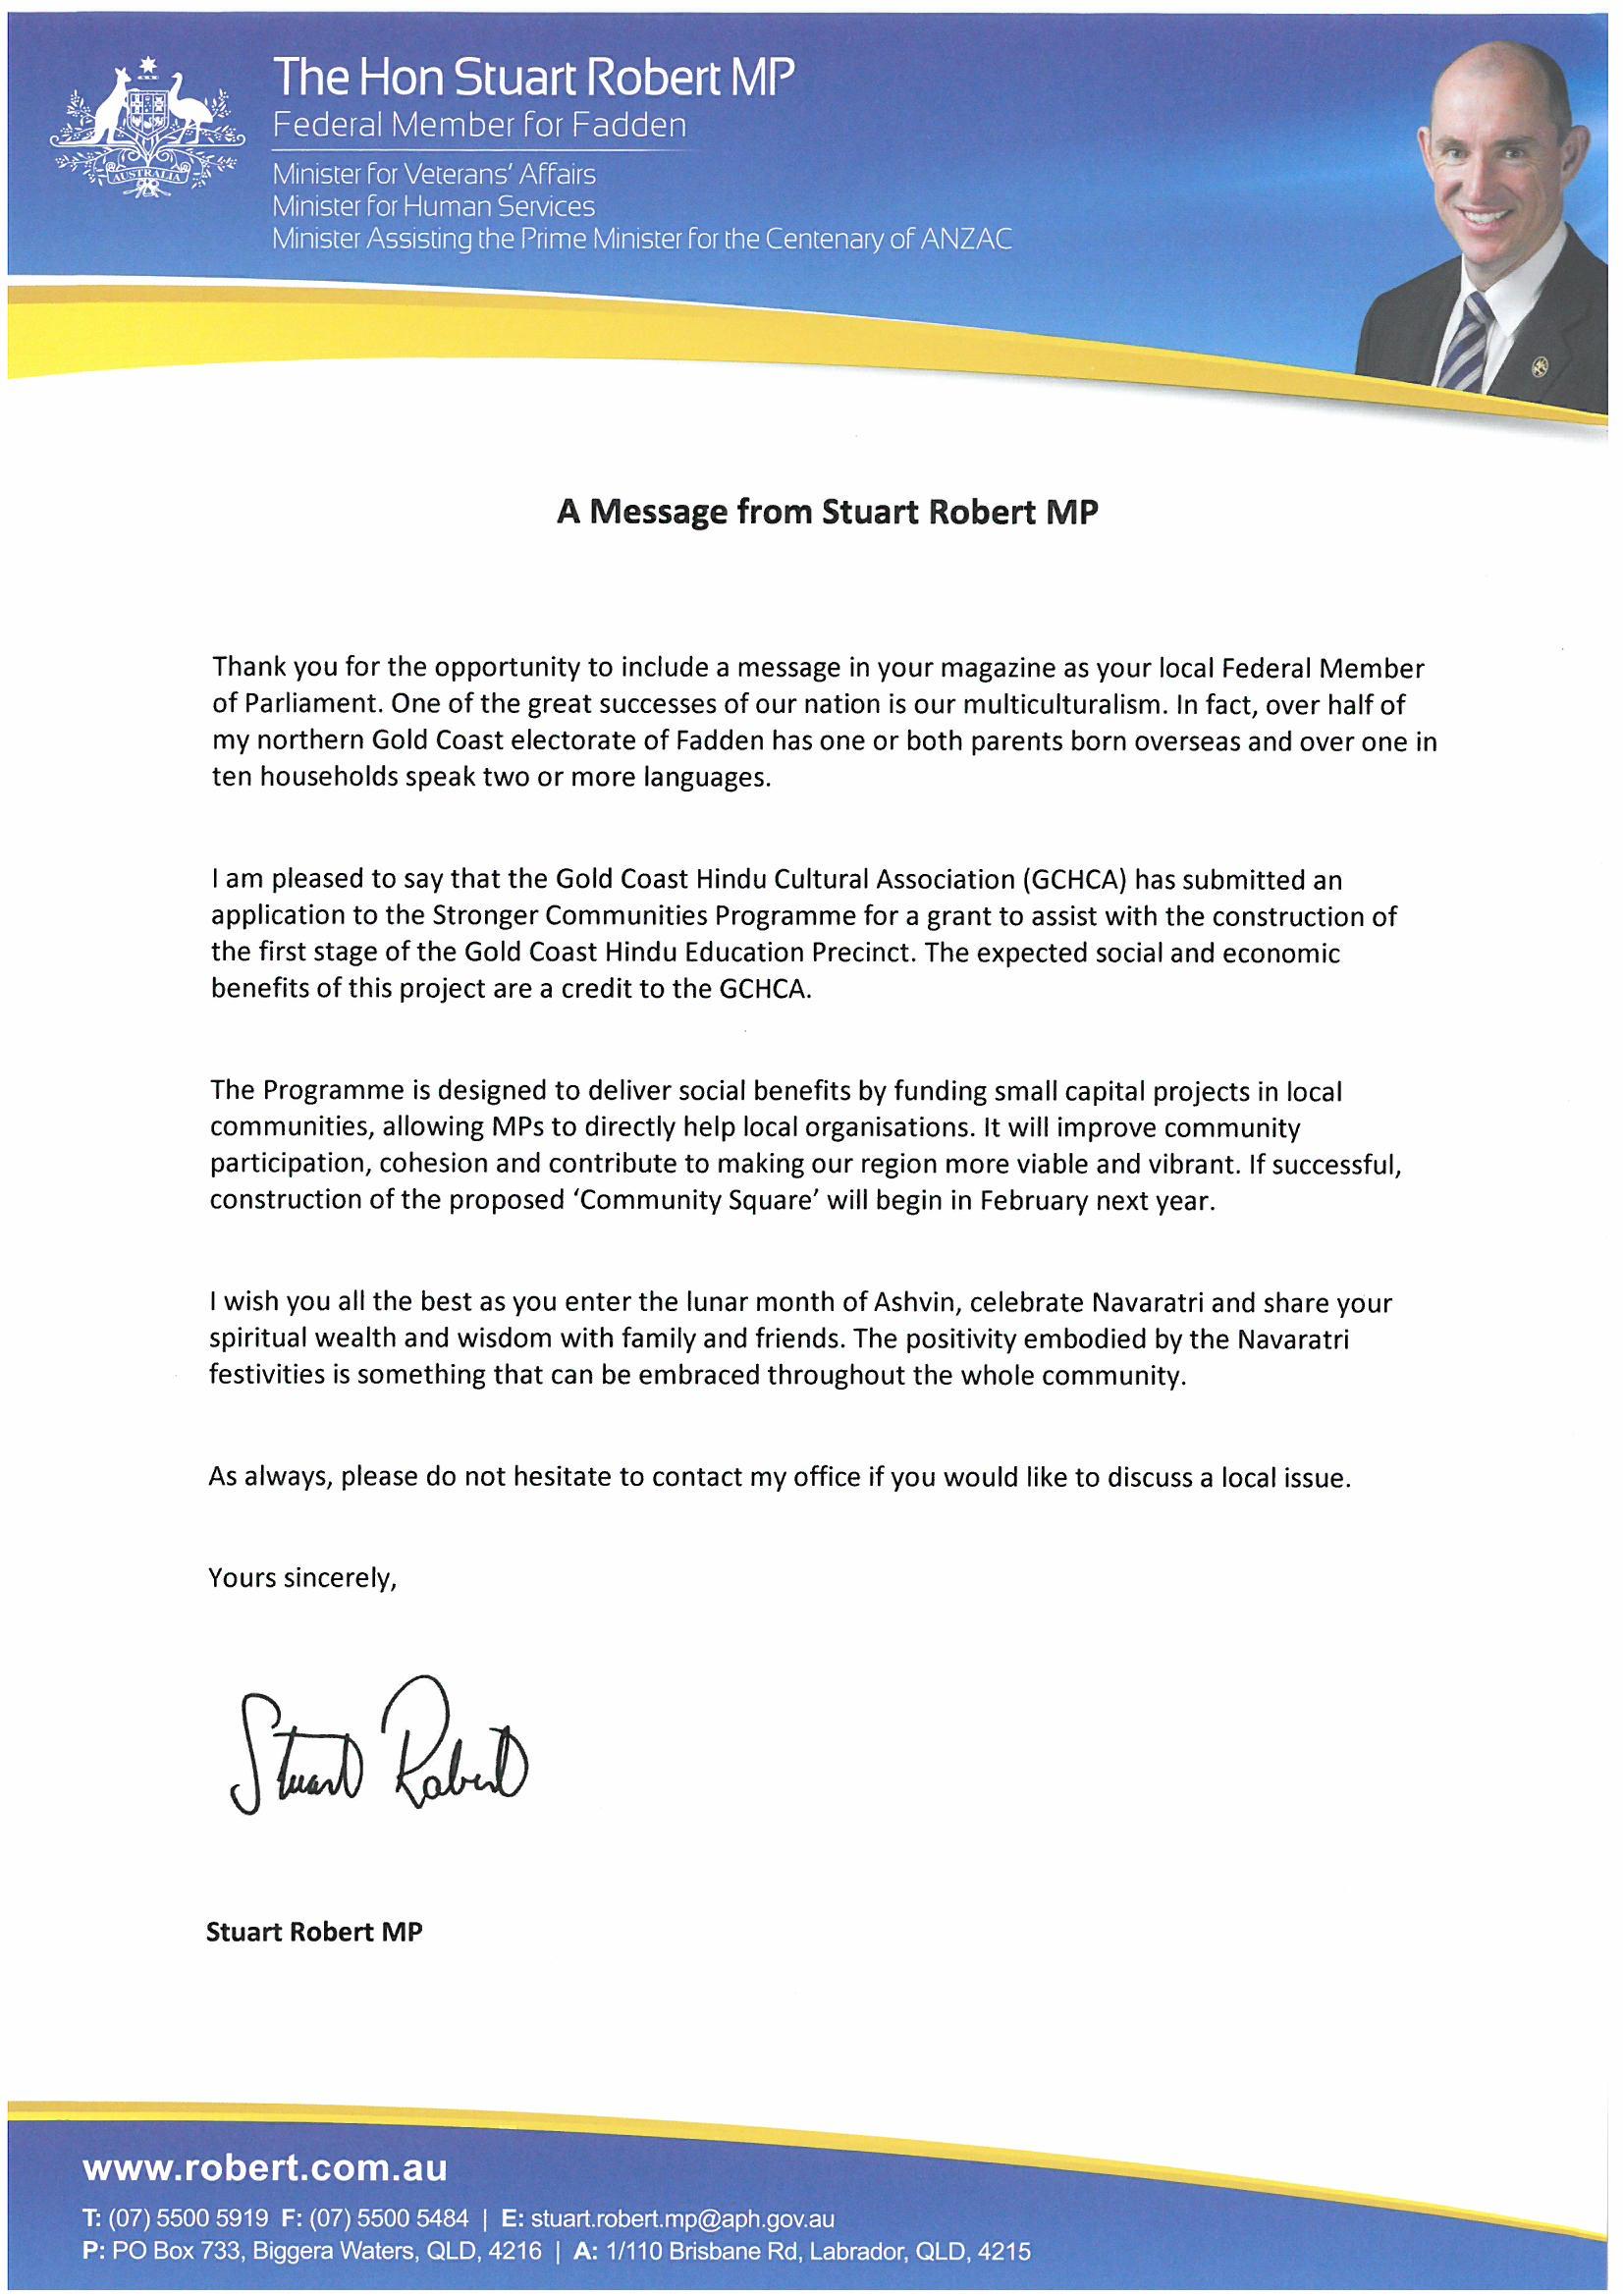 Letter Of Support - Minister Rob Stuart